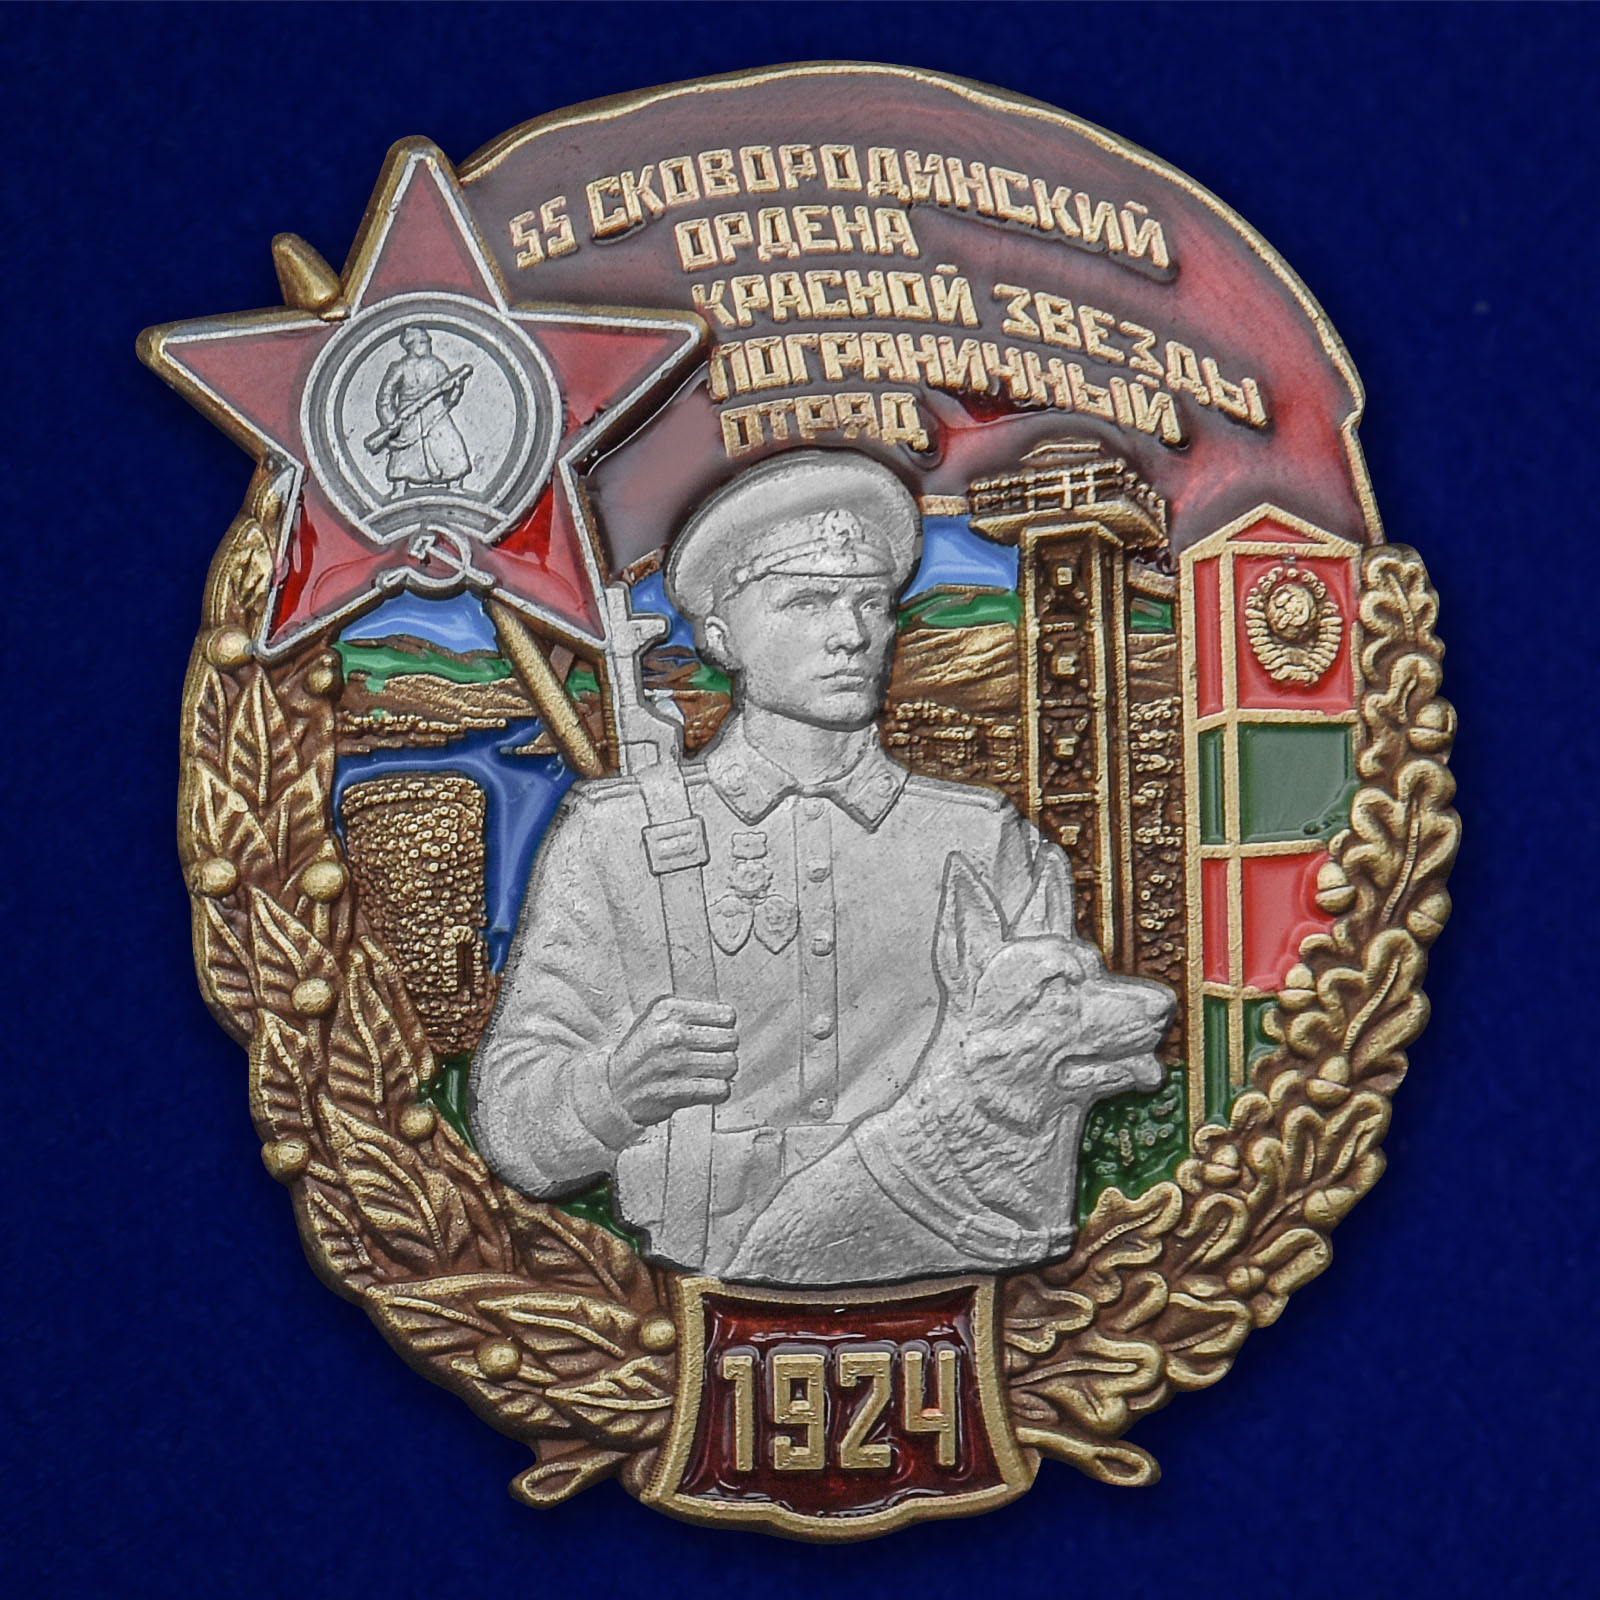 Латунный знак 55 Сковородинский ордена Красной звезды Пограничный отряд